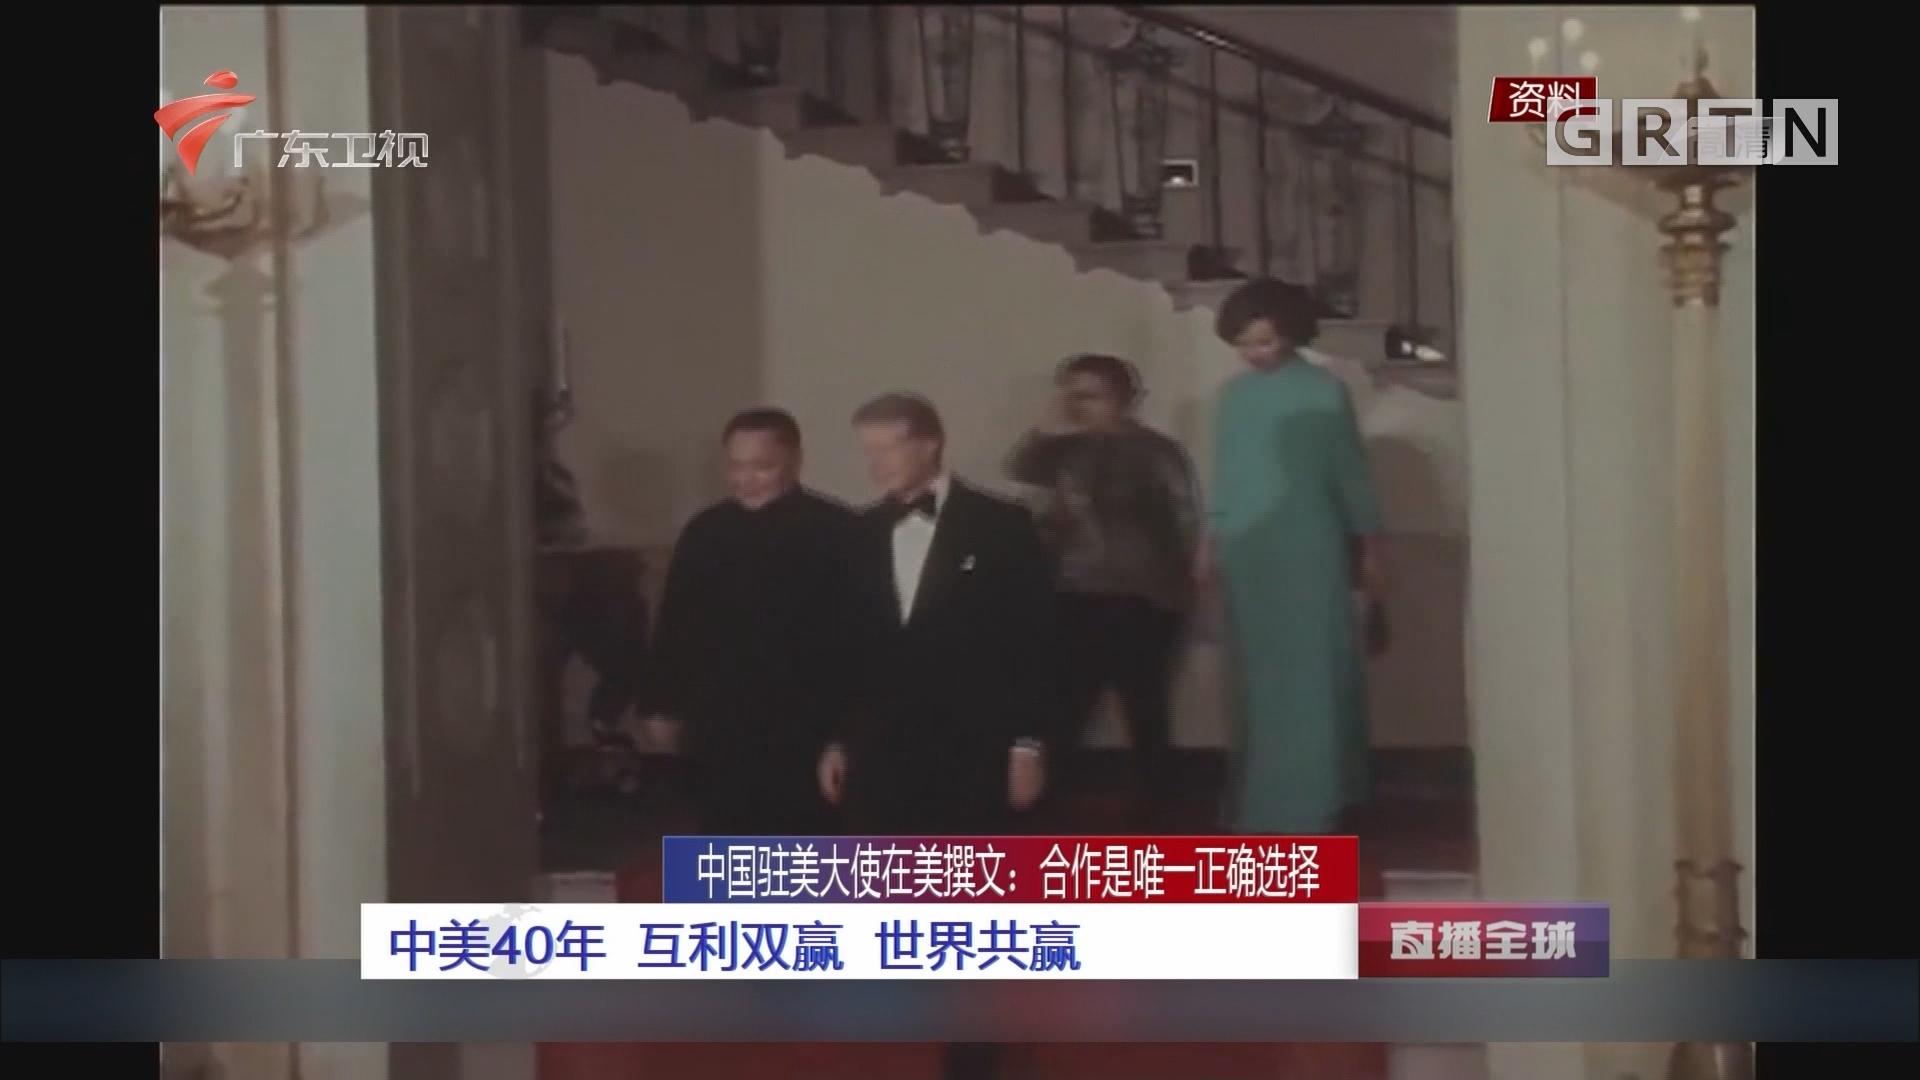 中国驻美大使在美撰文:合作是唯一正确选择 中美40年 互利双赢 世界共赢